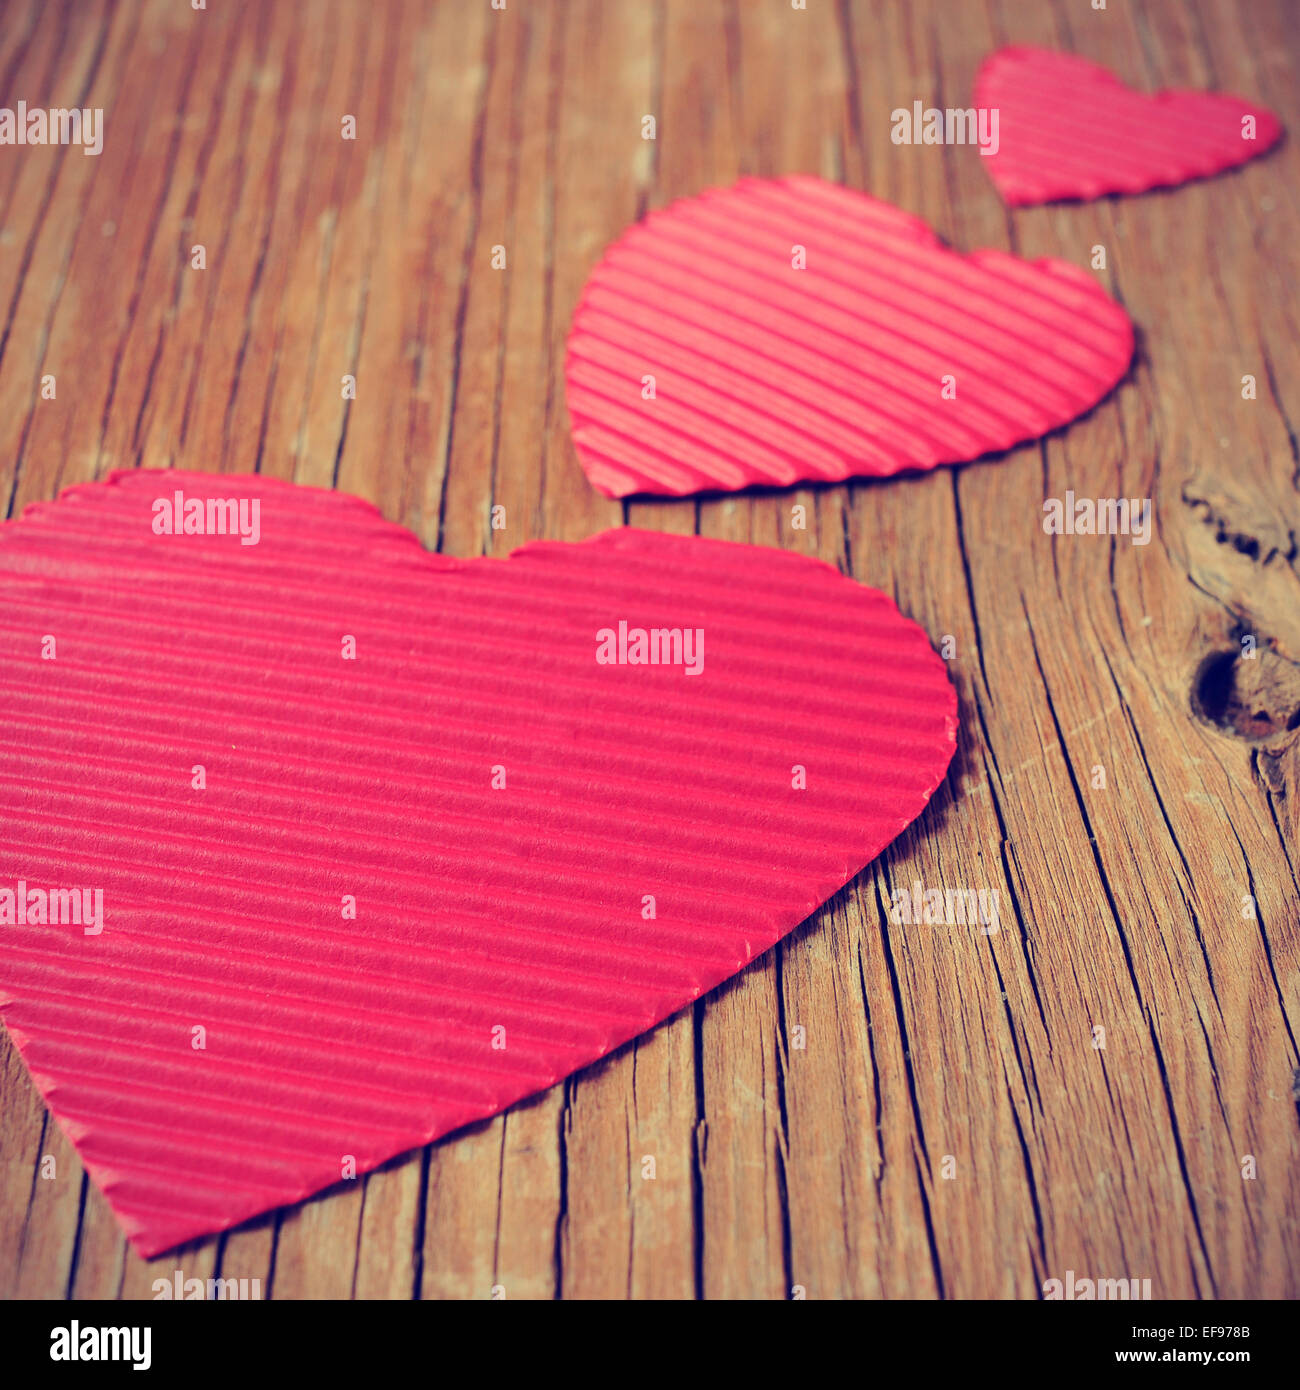 einige roten Herzen in verschiedenen Größen auf einer rustikalen Holzoberfläche mit einem Filtereffekt Stockbild